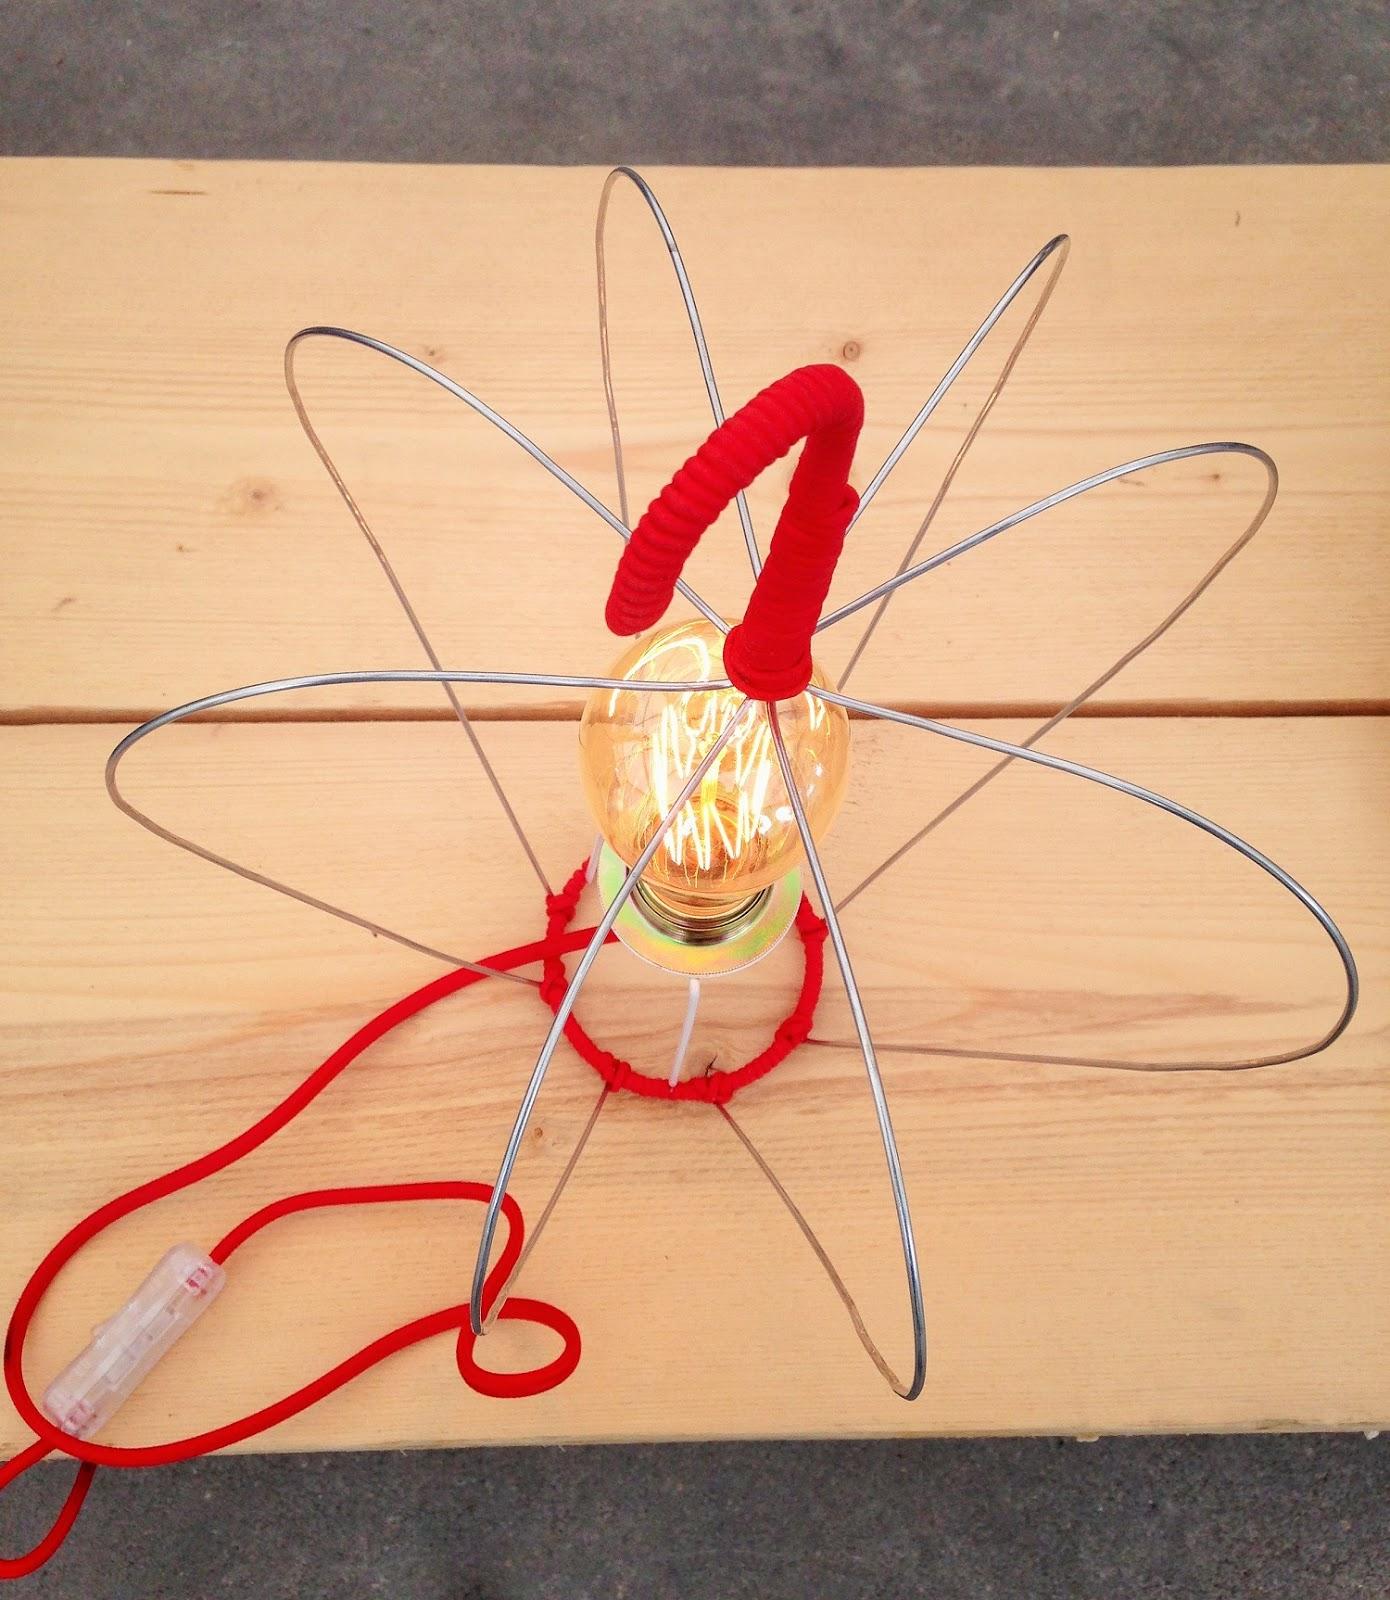 Fabuleux PcMcréation: Lampe POM & coussins lin POM / Faire de sa vie EN62